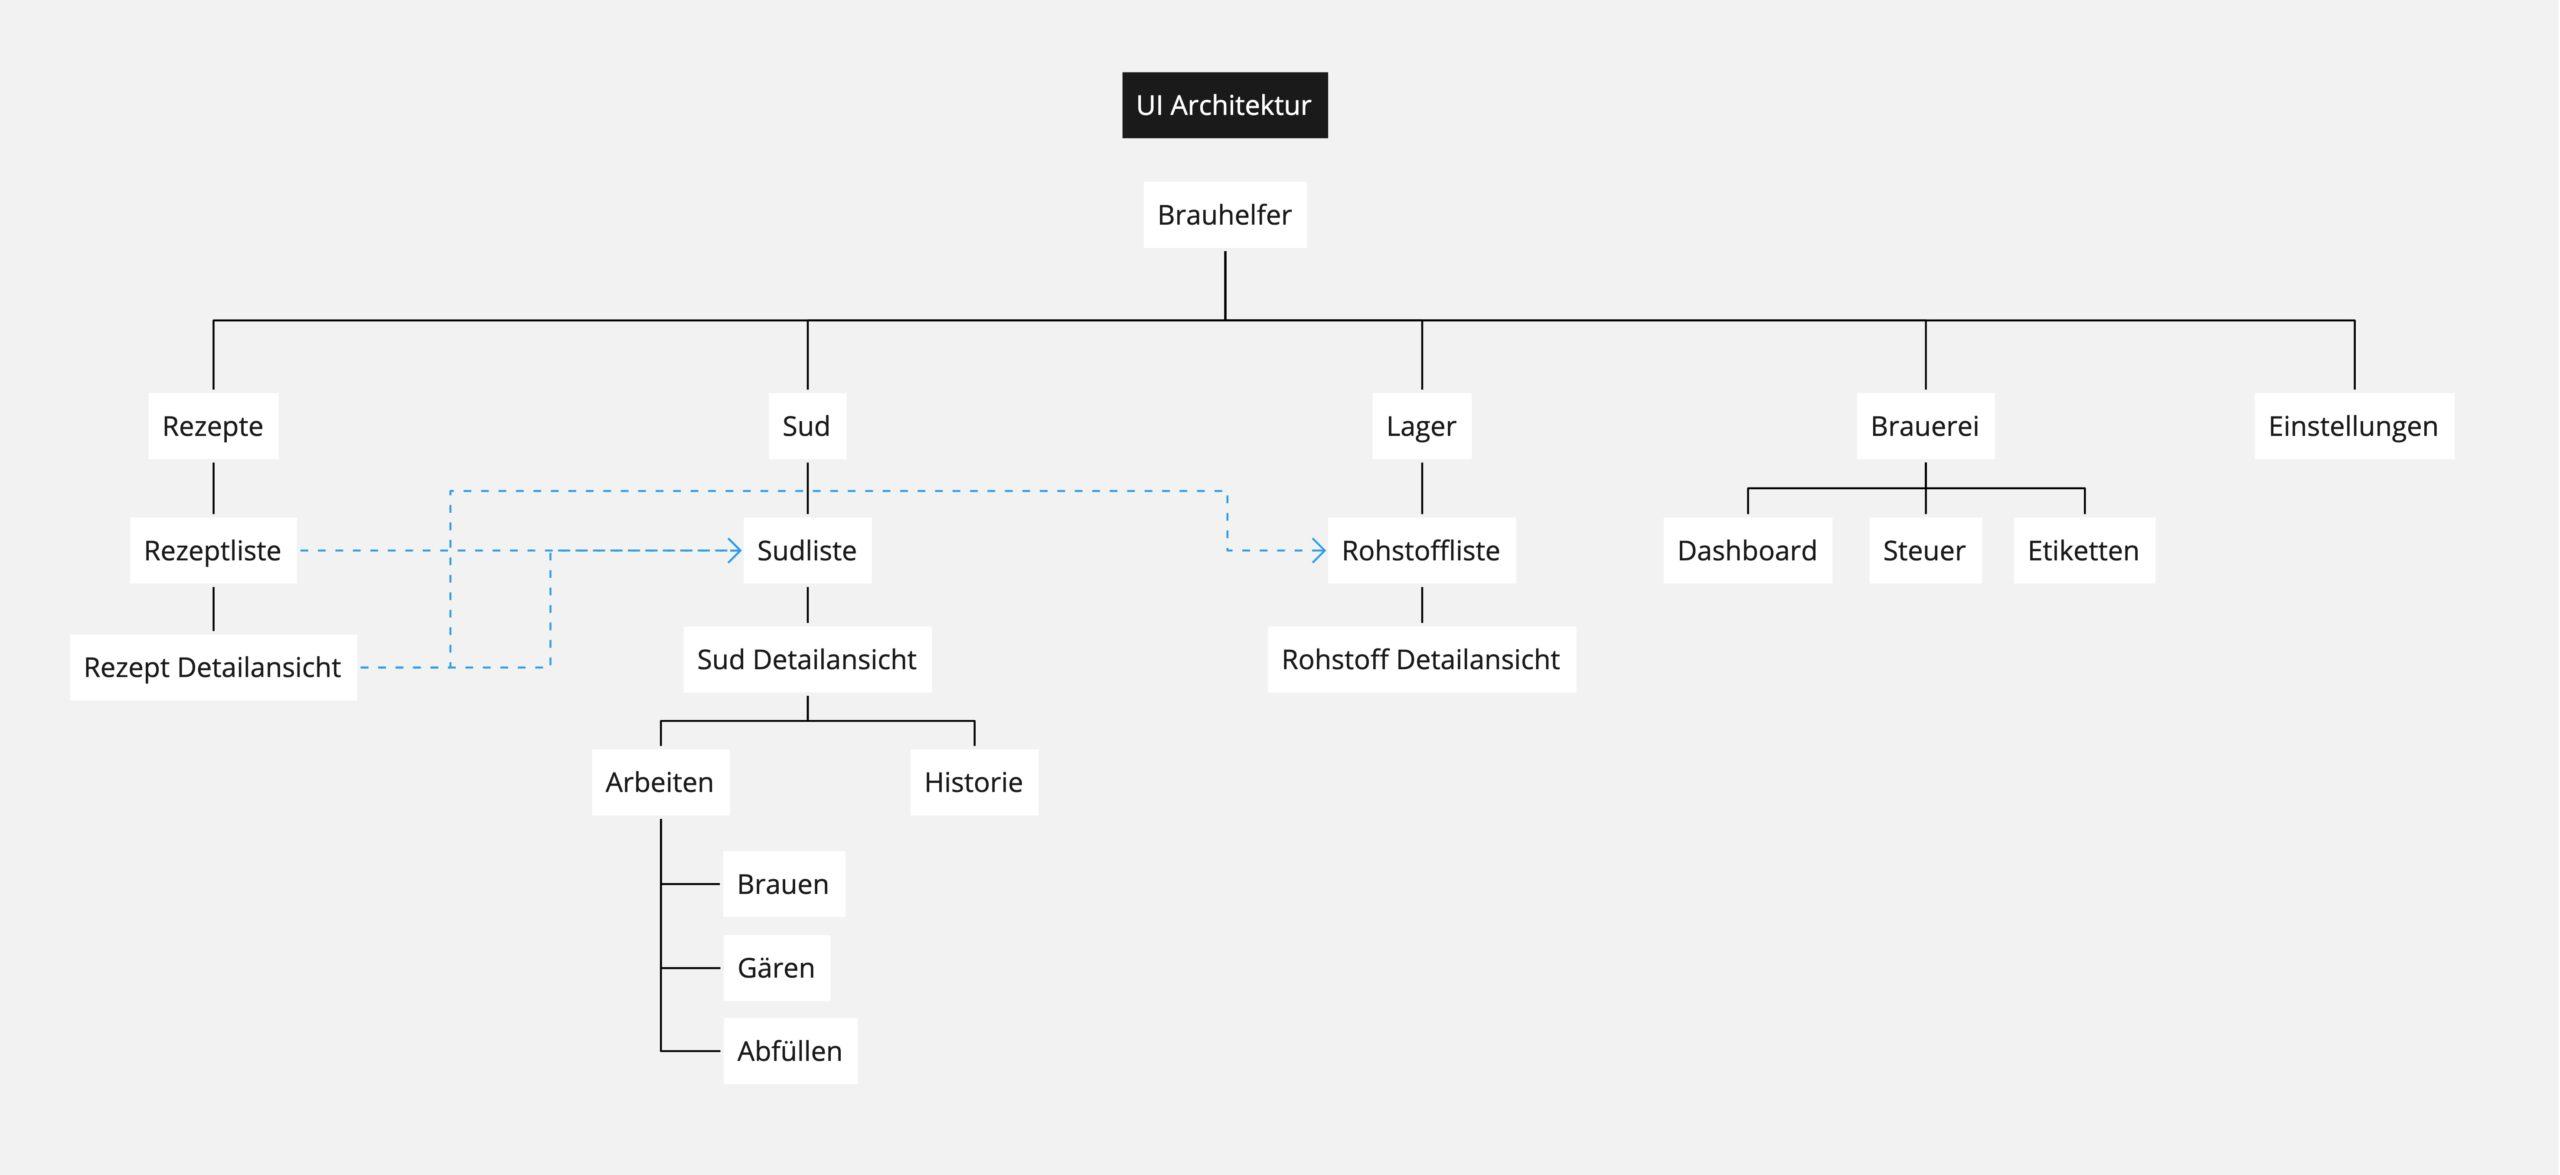 UI Architektur des kleinen Brauhelfers für das neue Konzept